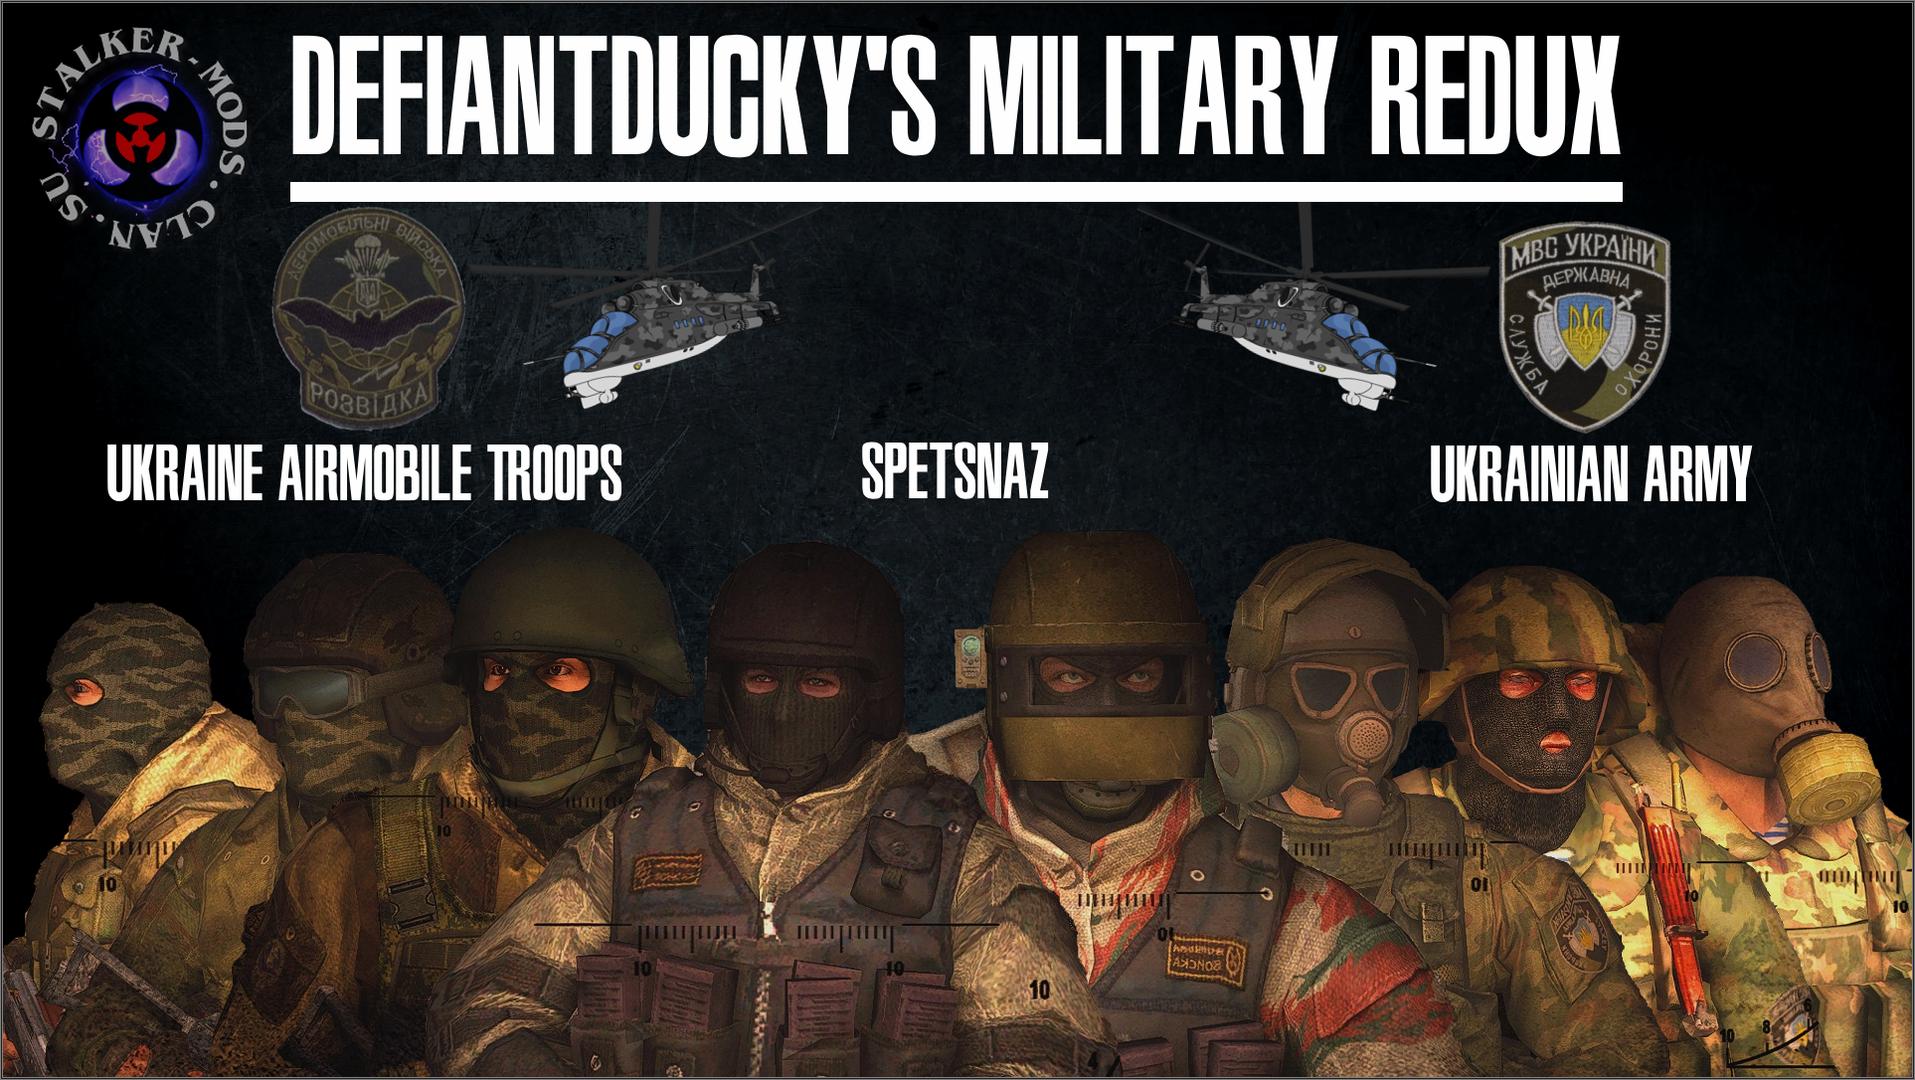 группировка военные - пак 3д моделей для игры сталкер